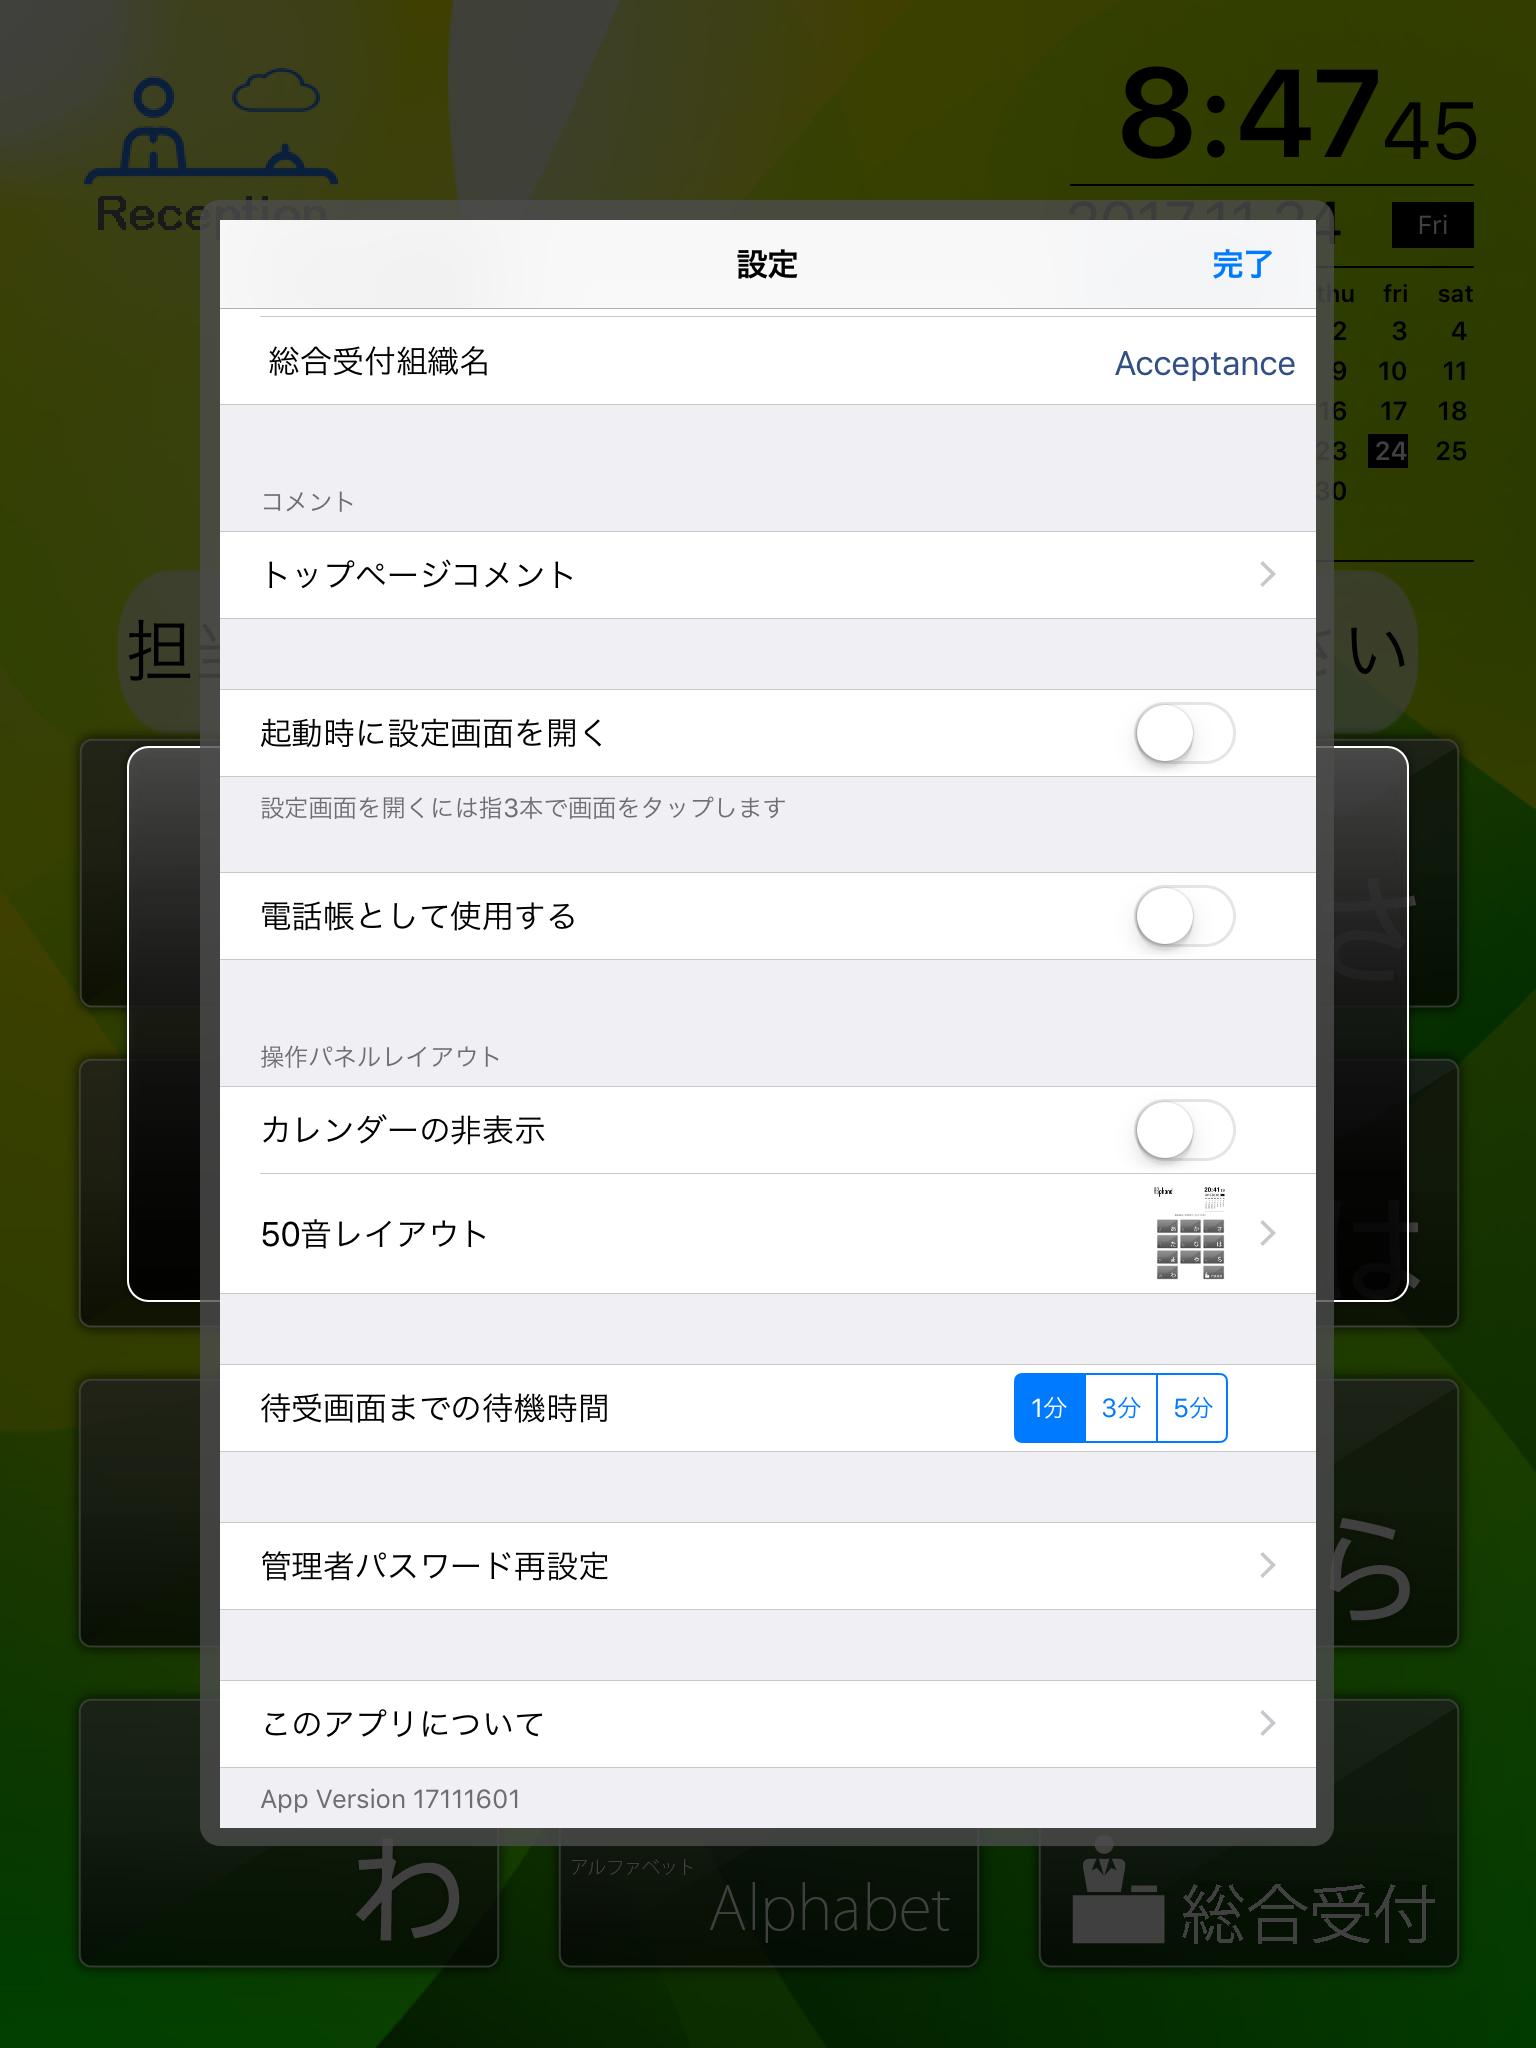 iPad受付アプリ クラウド受付